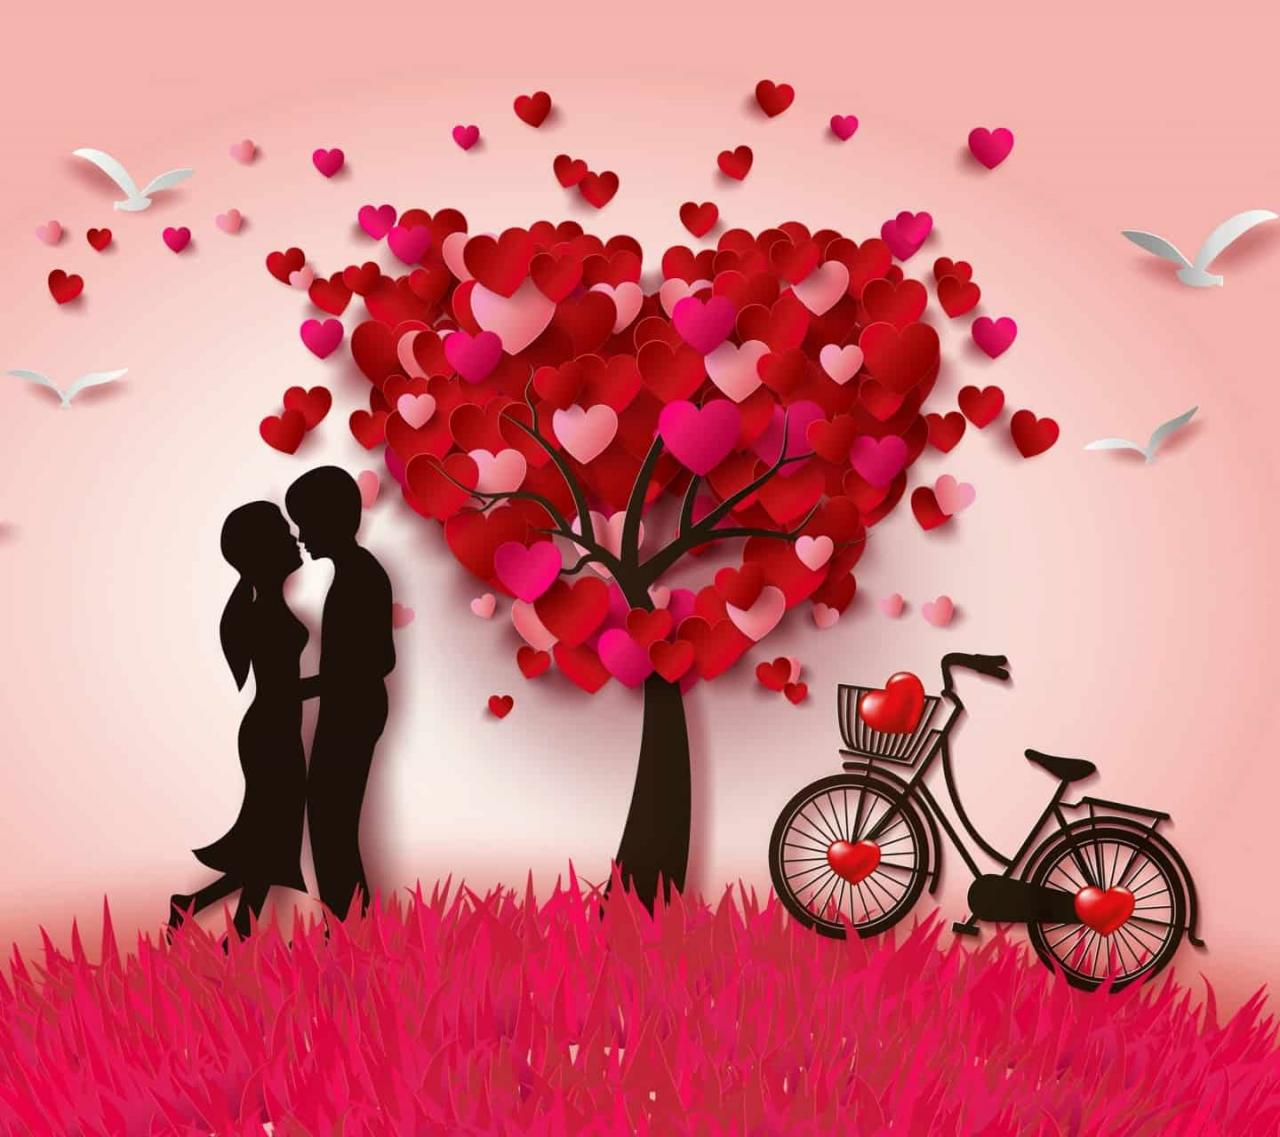 صورة رؤية من تحب في المنام , تفسير حلم نري من نحب